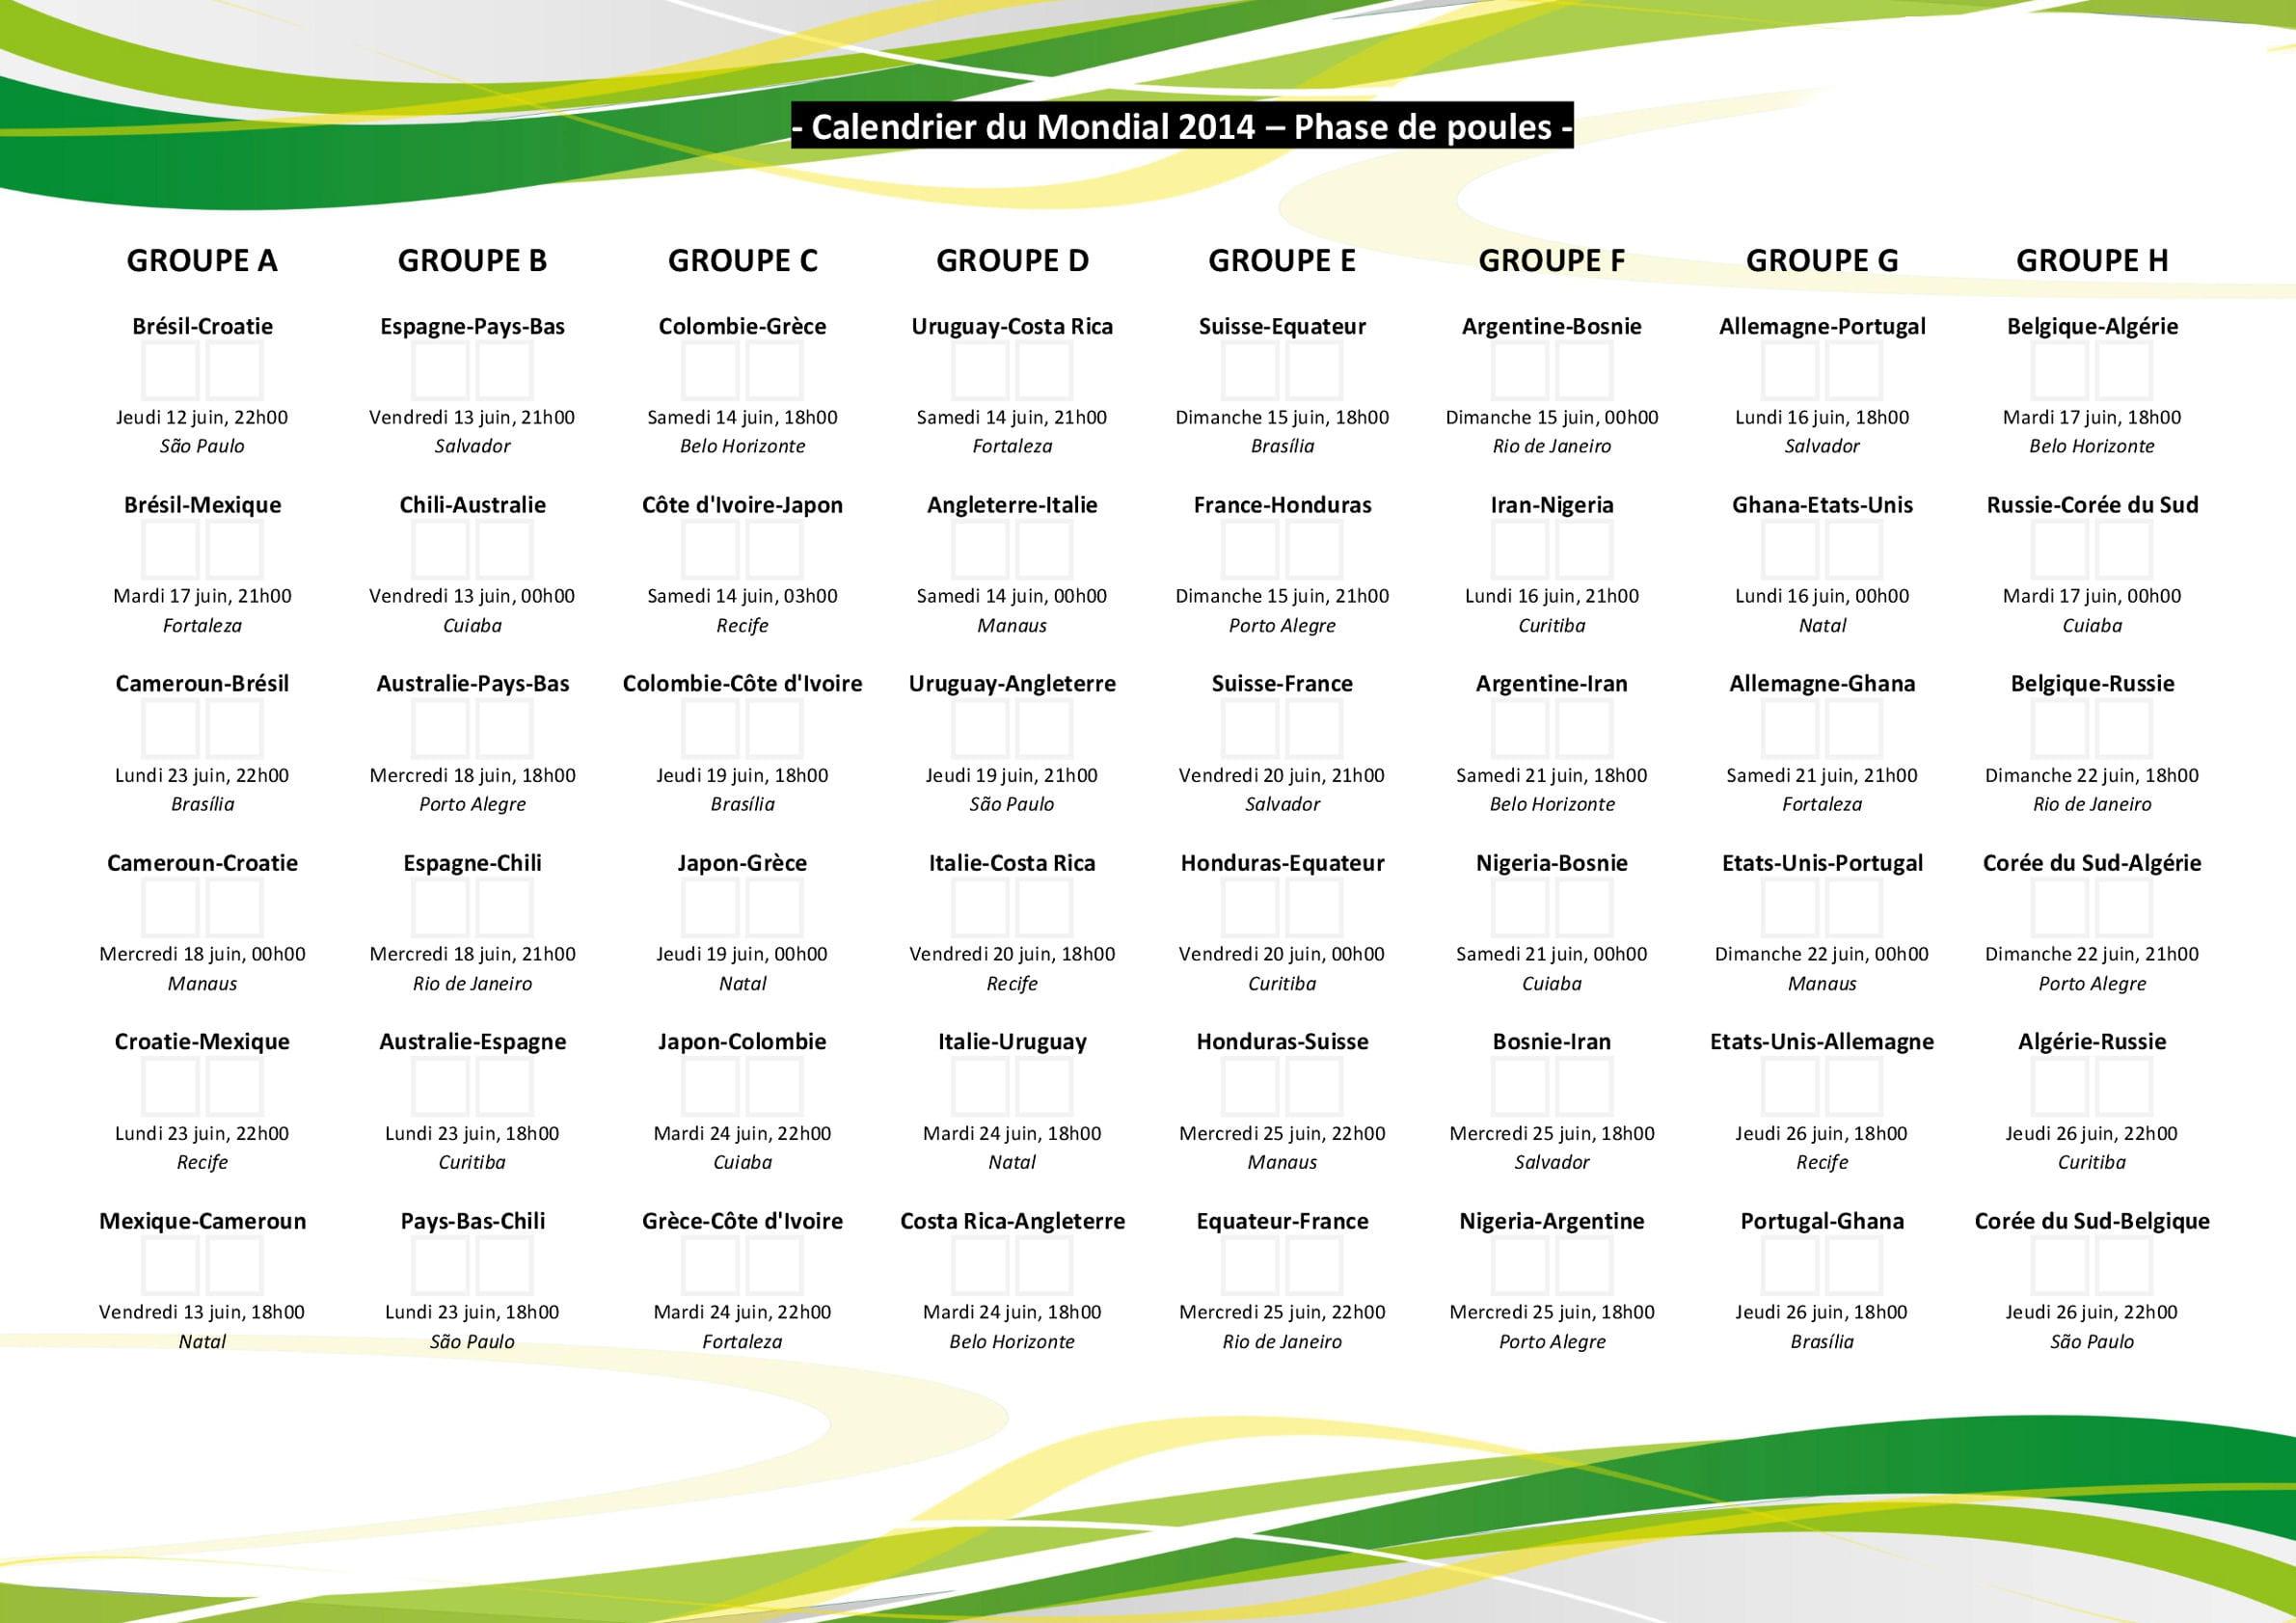 Calendrier coupe du monde 2014 le calendrier - Calendrier eliminatoire coupe du monde ...